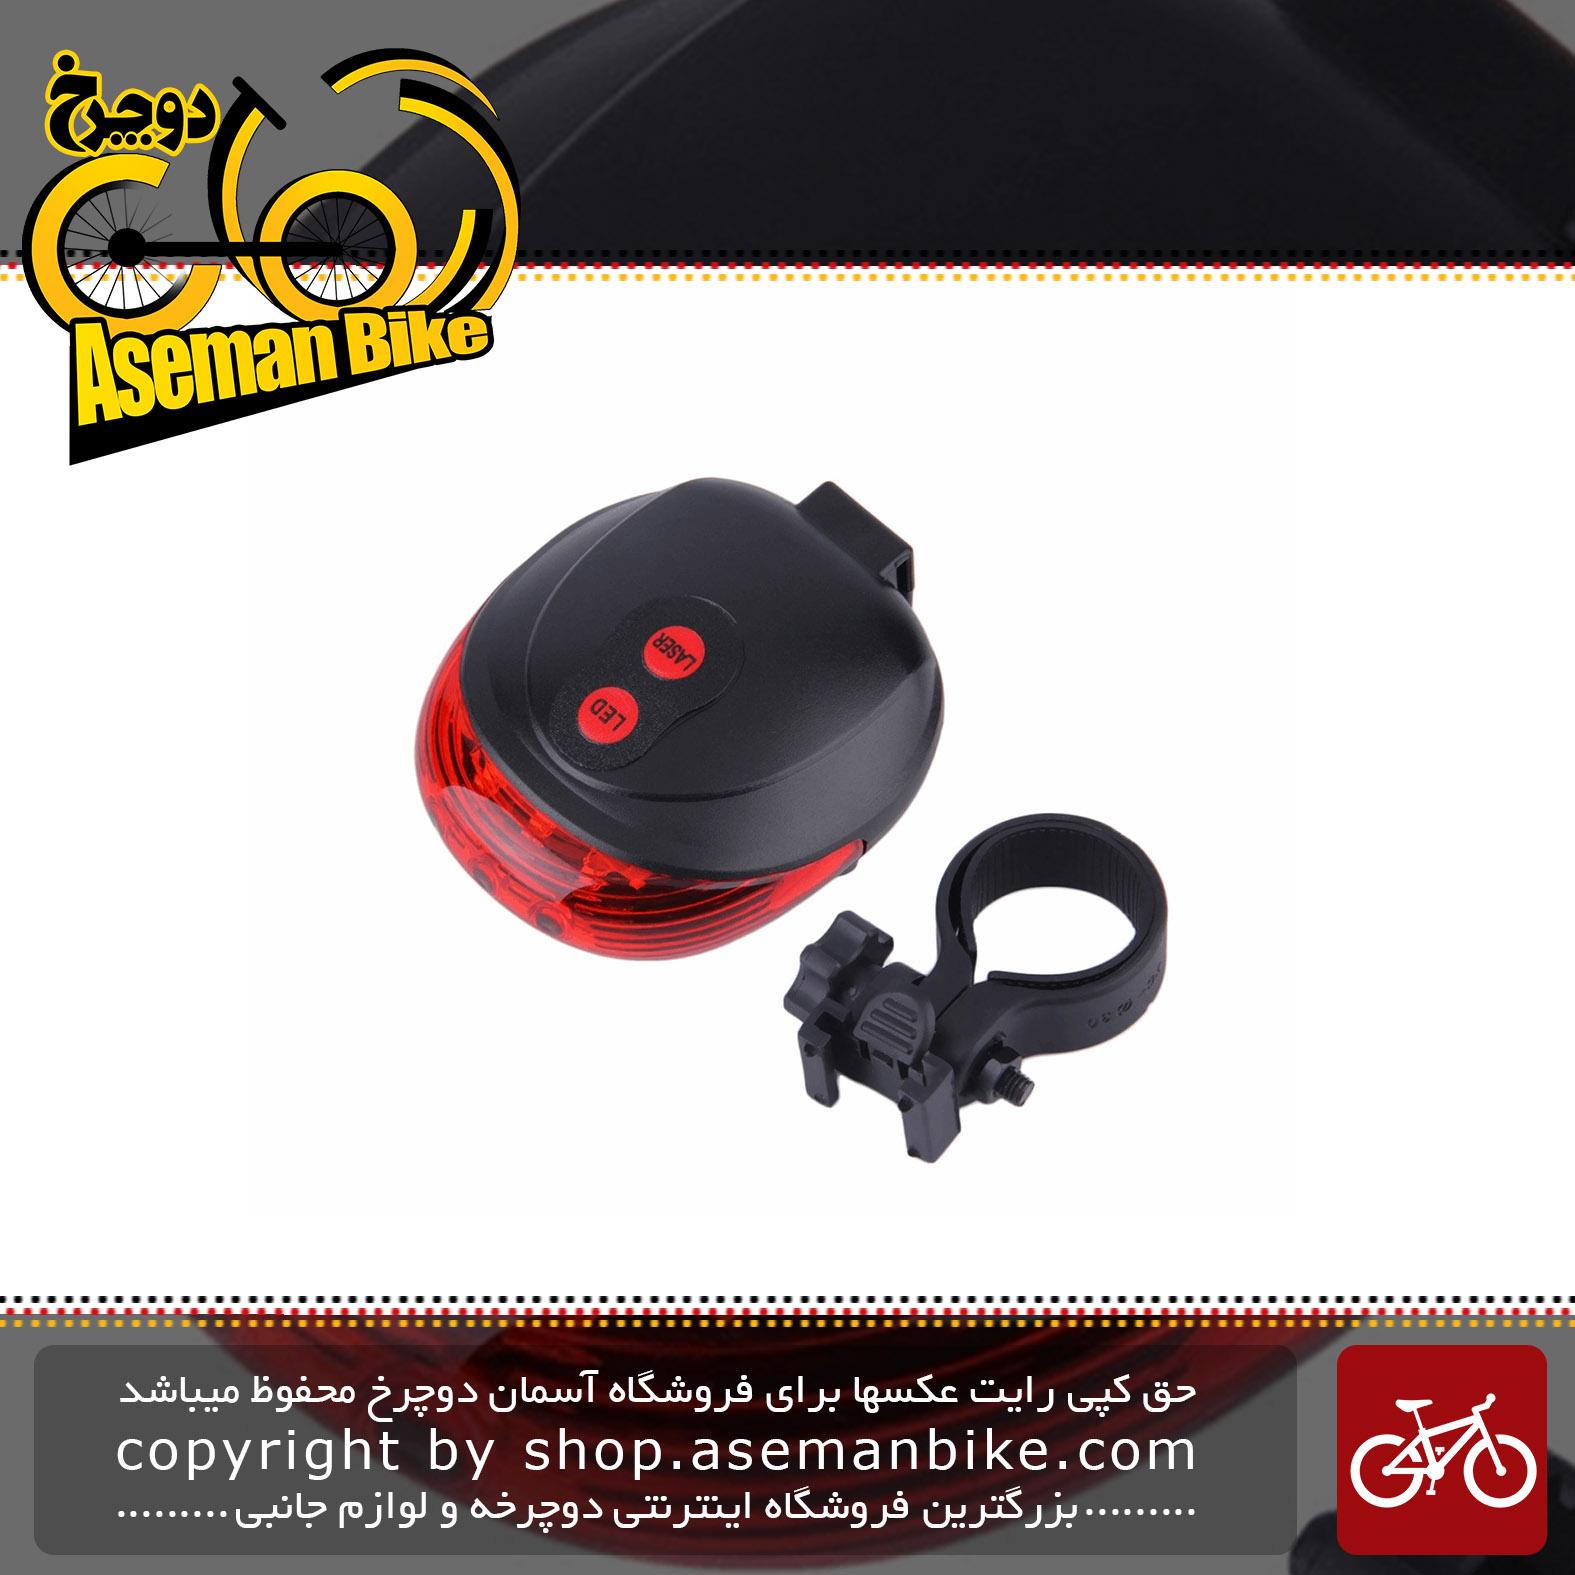 چراغ عقب دوچرخه مدل لیزر لایت UA-Laser Light